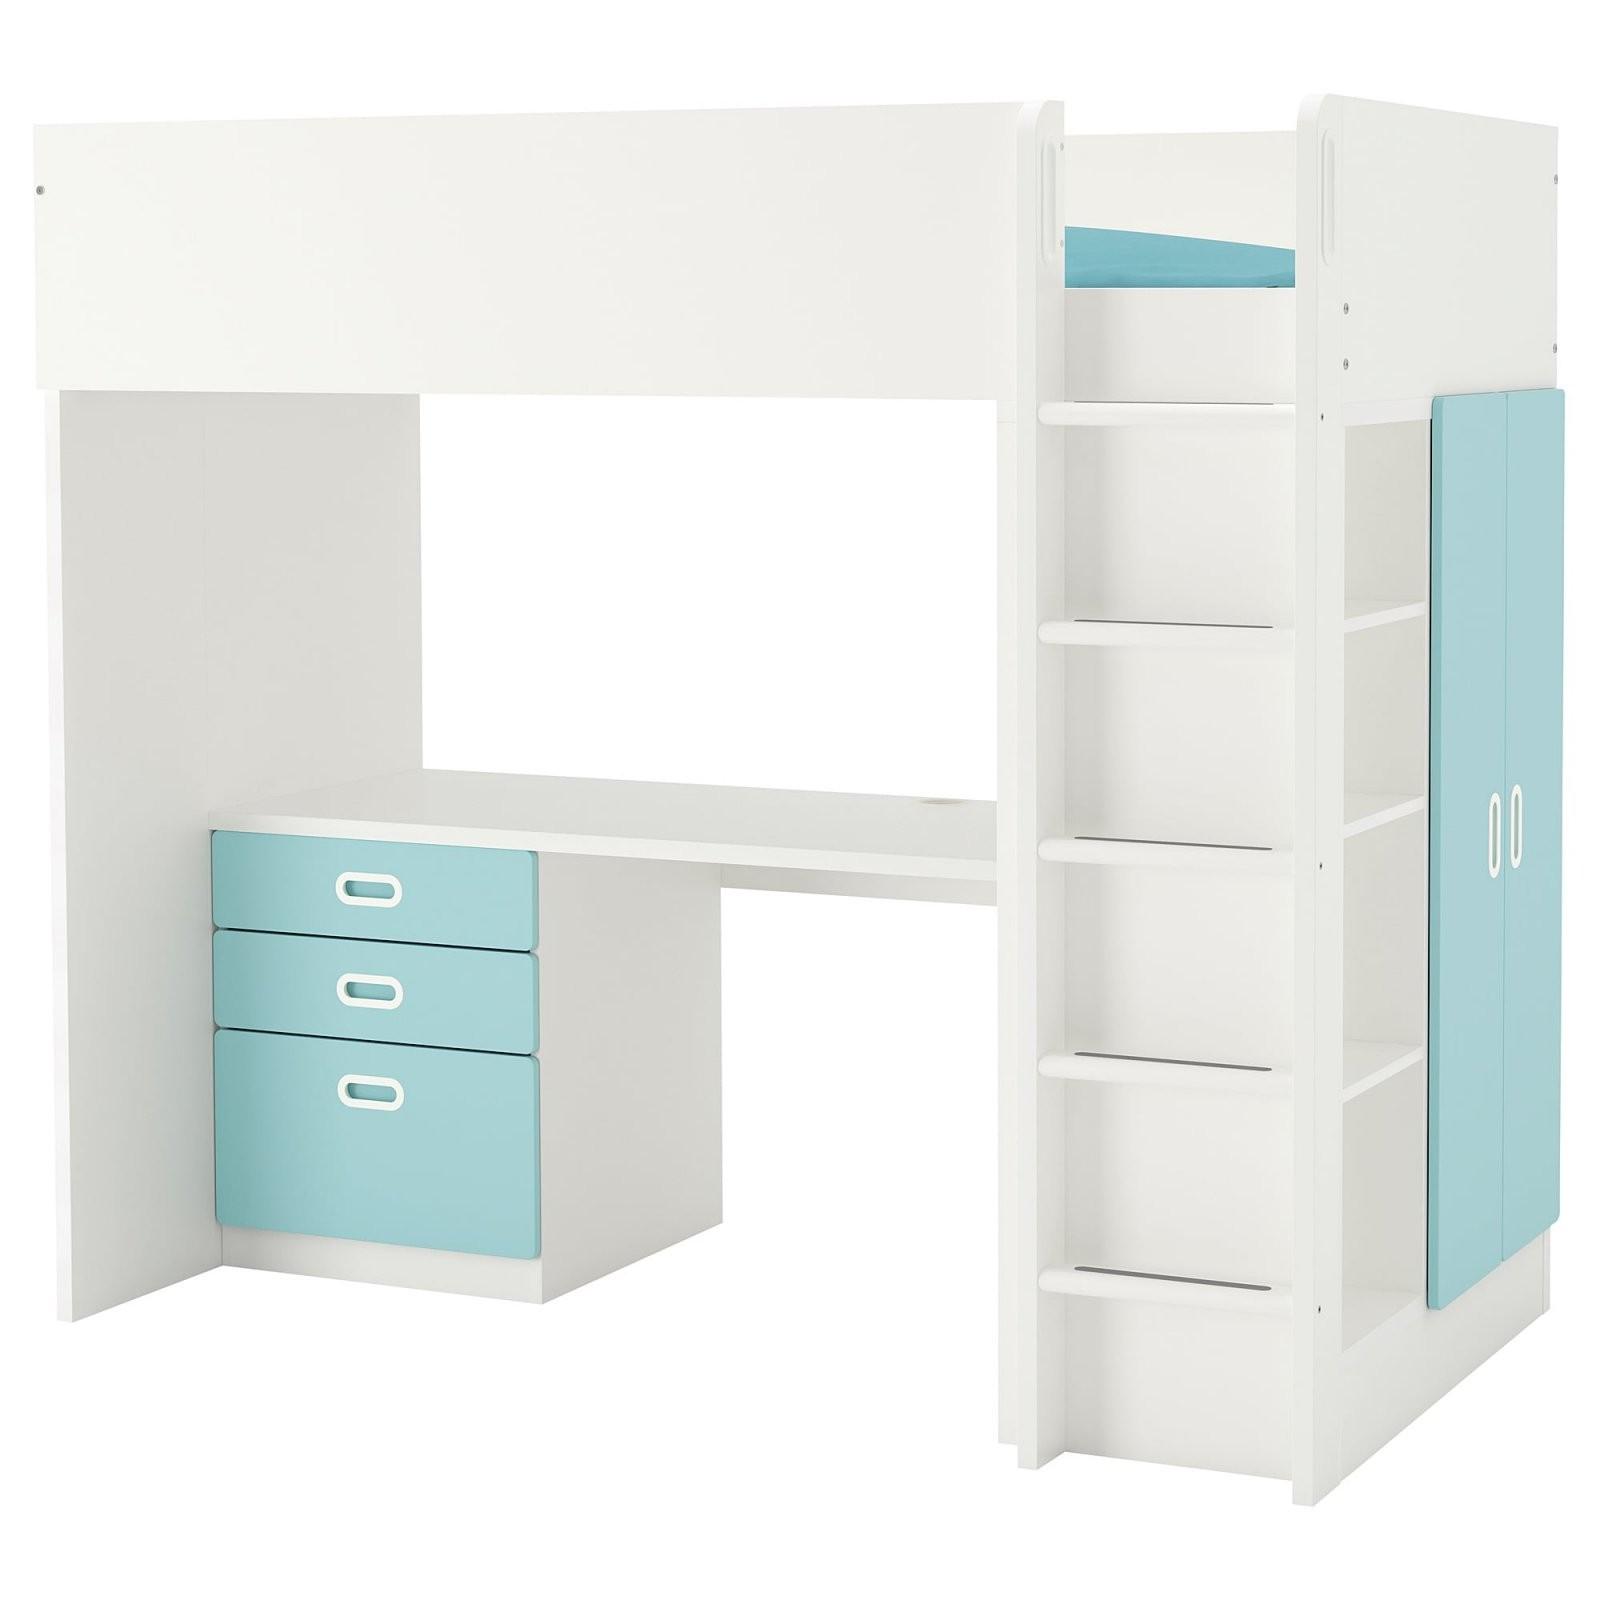 Stuva  Fritids Hochbettkomb 3 Schubl2 Türen  Weiß Hellblau  Ikea von Ikea Hochbett Mit Schreibtisch Und Schrank Bild